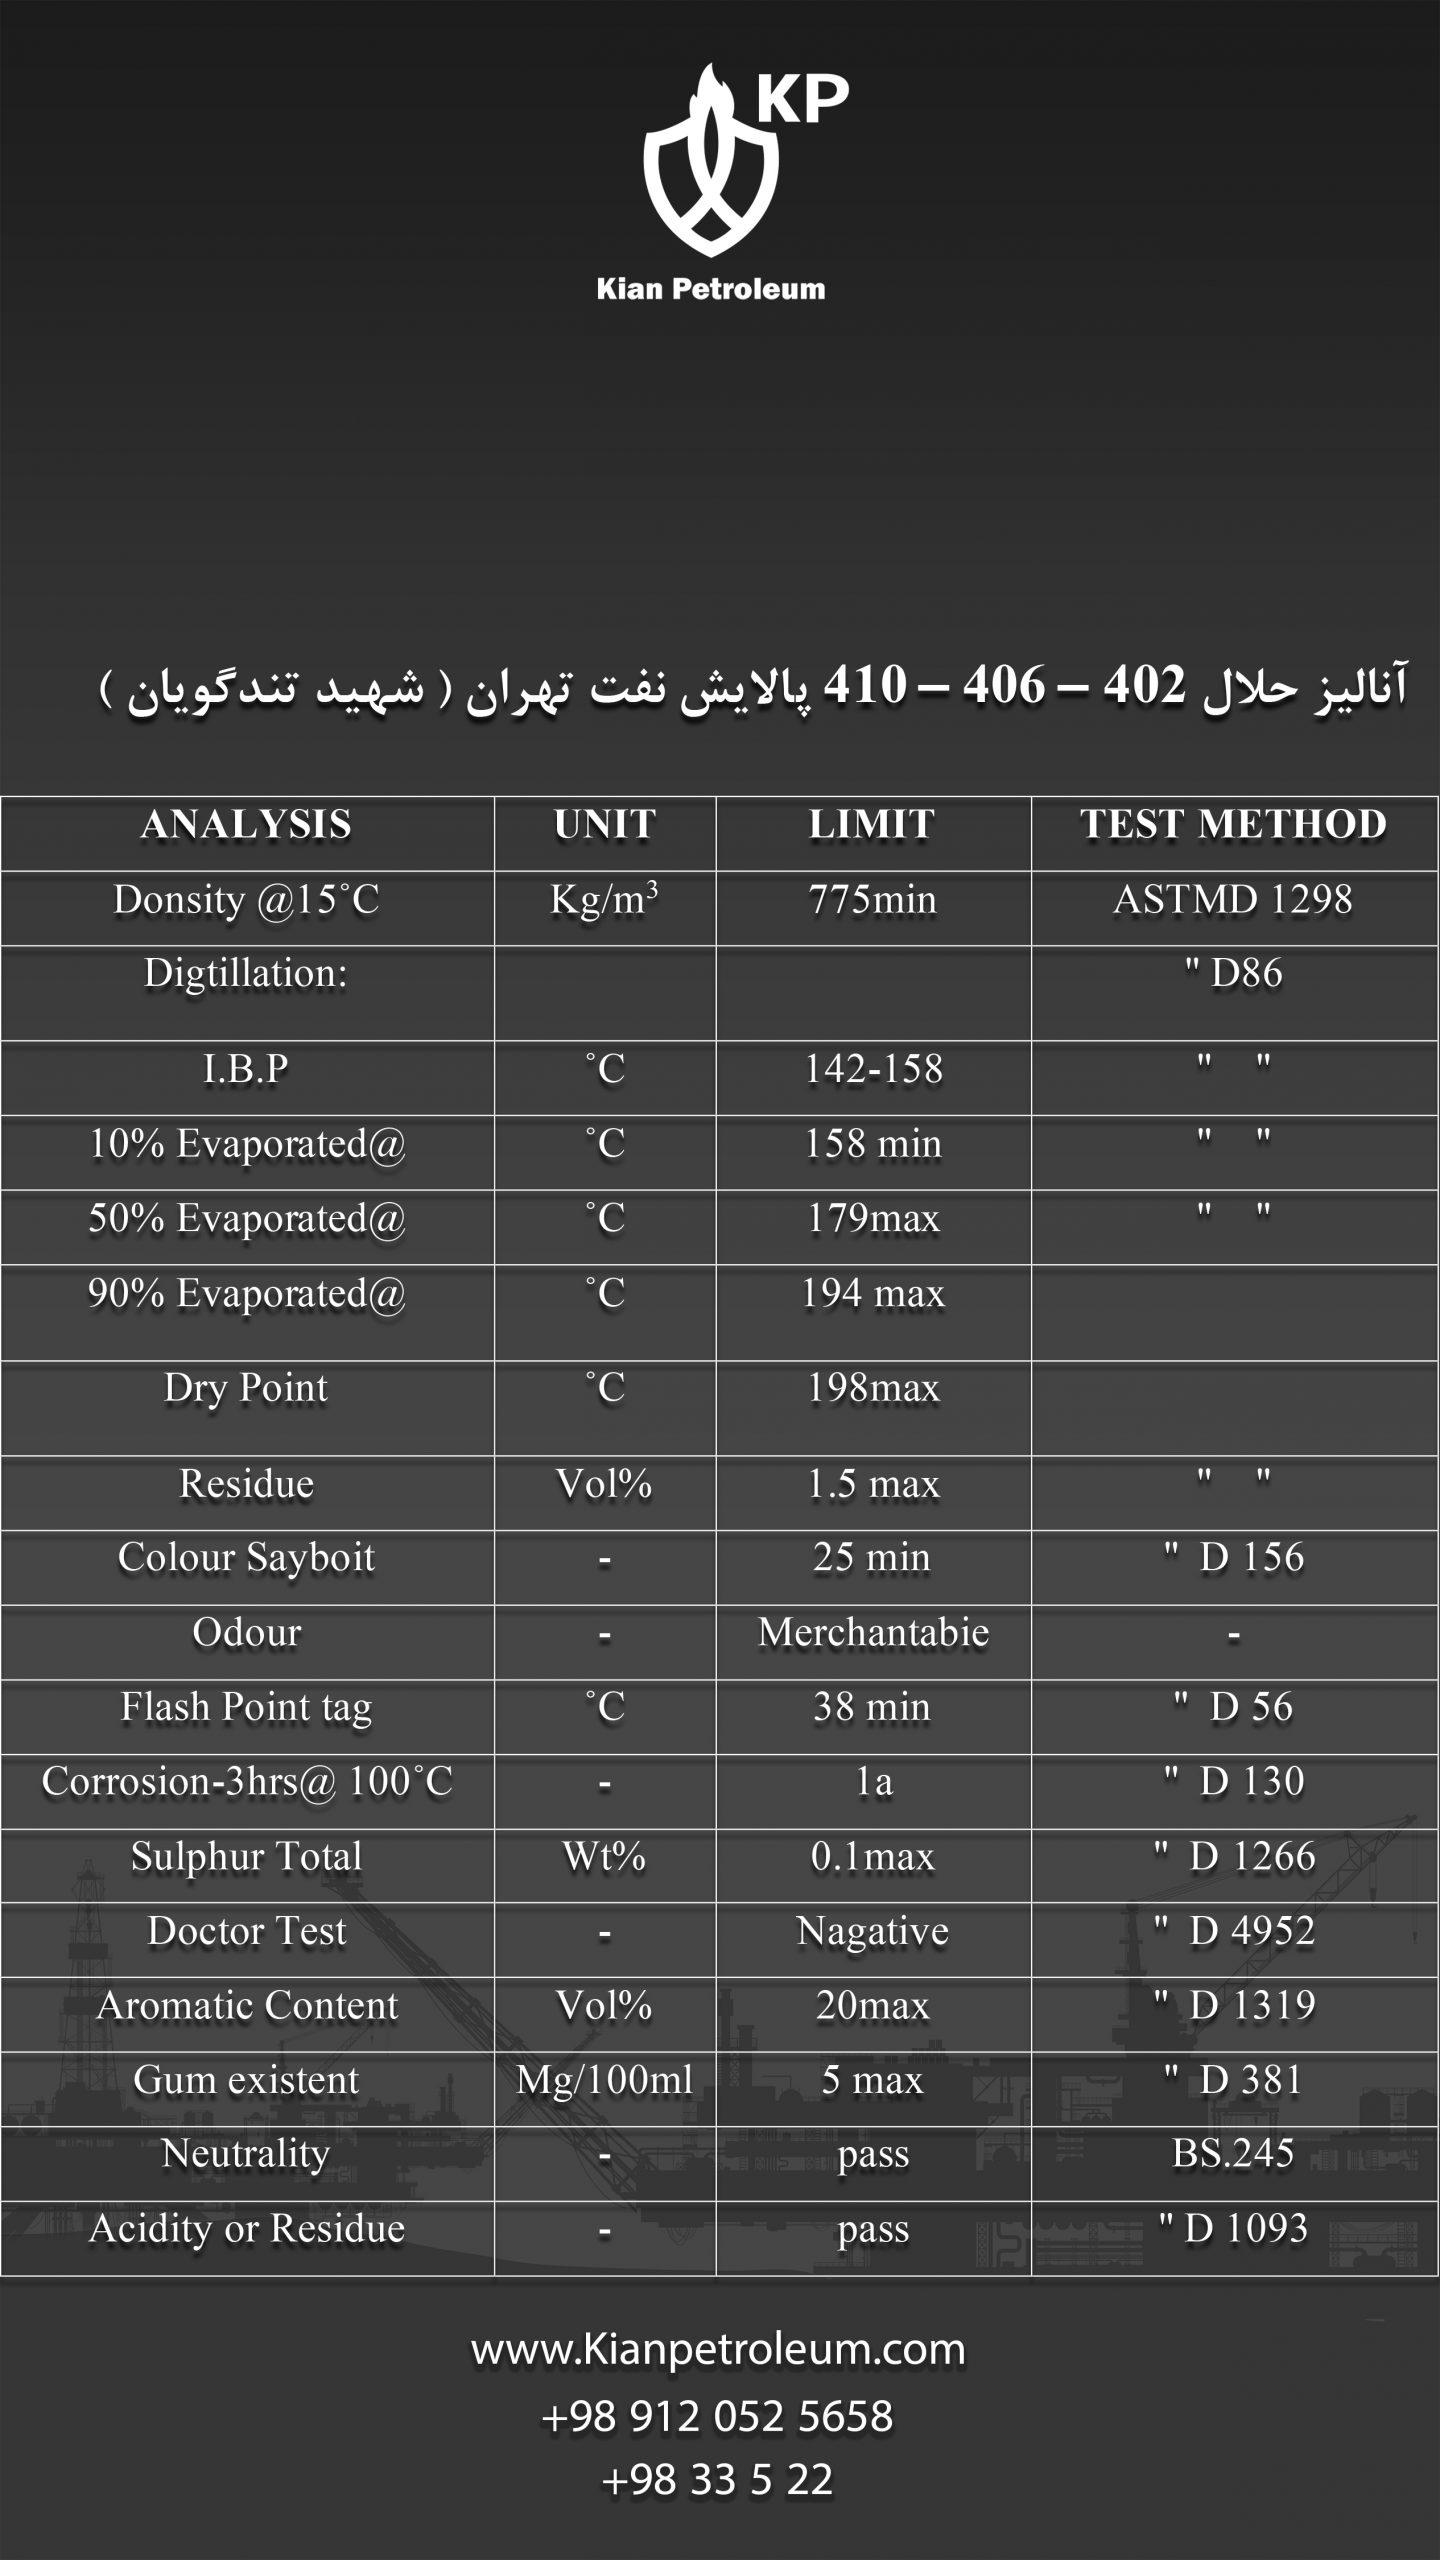 آنالیز-حلال-402-406-410-پالایش-نفت-تهران